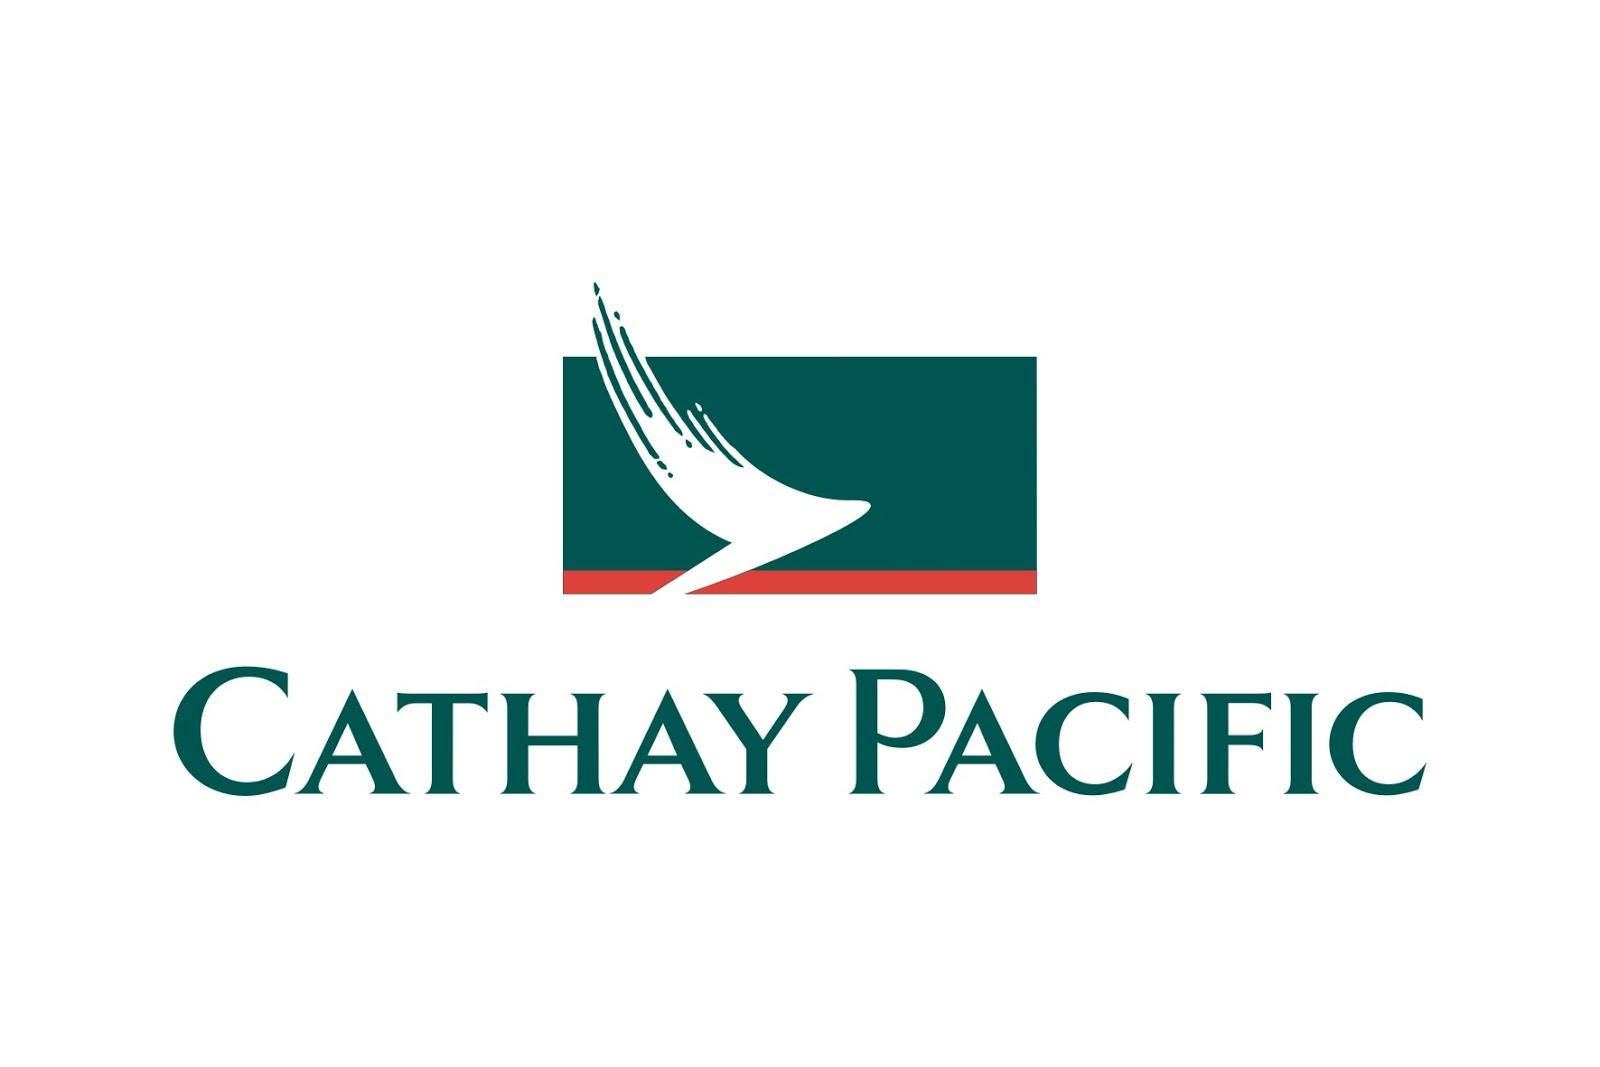 Logo Cathaiy Pacific.jpg